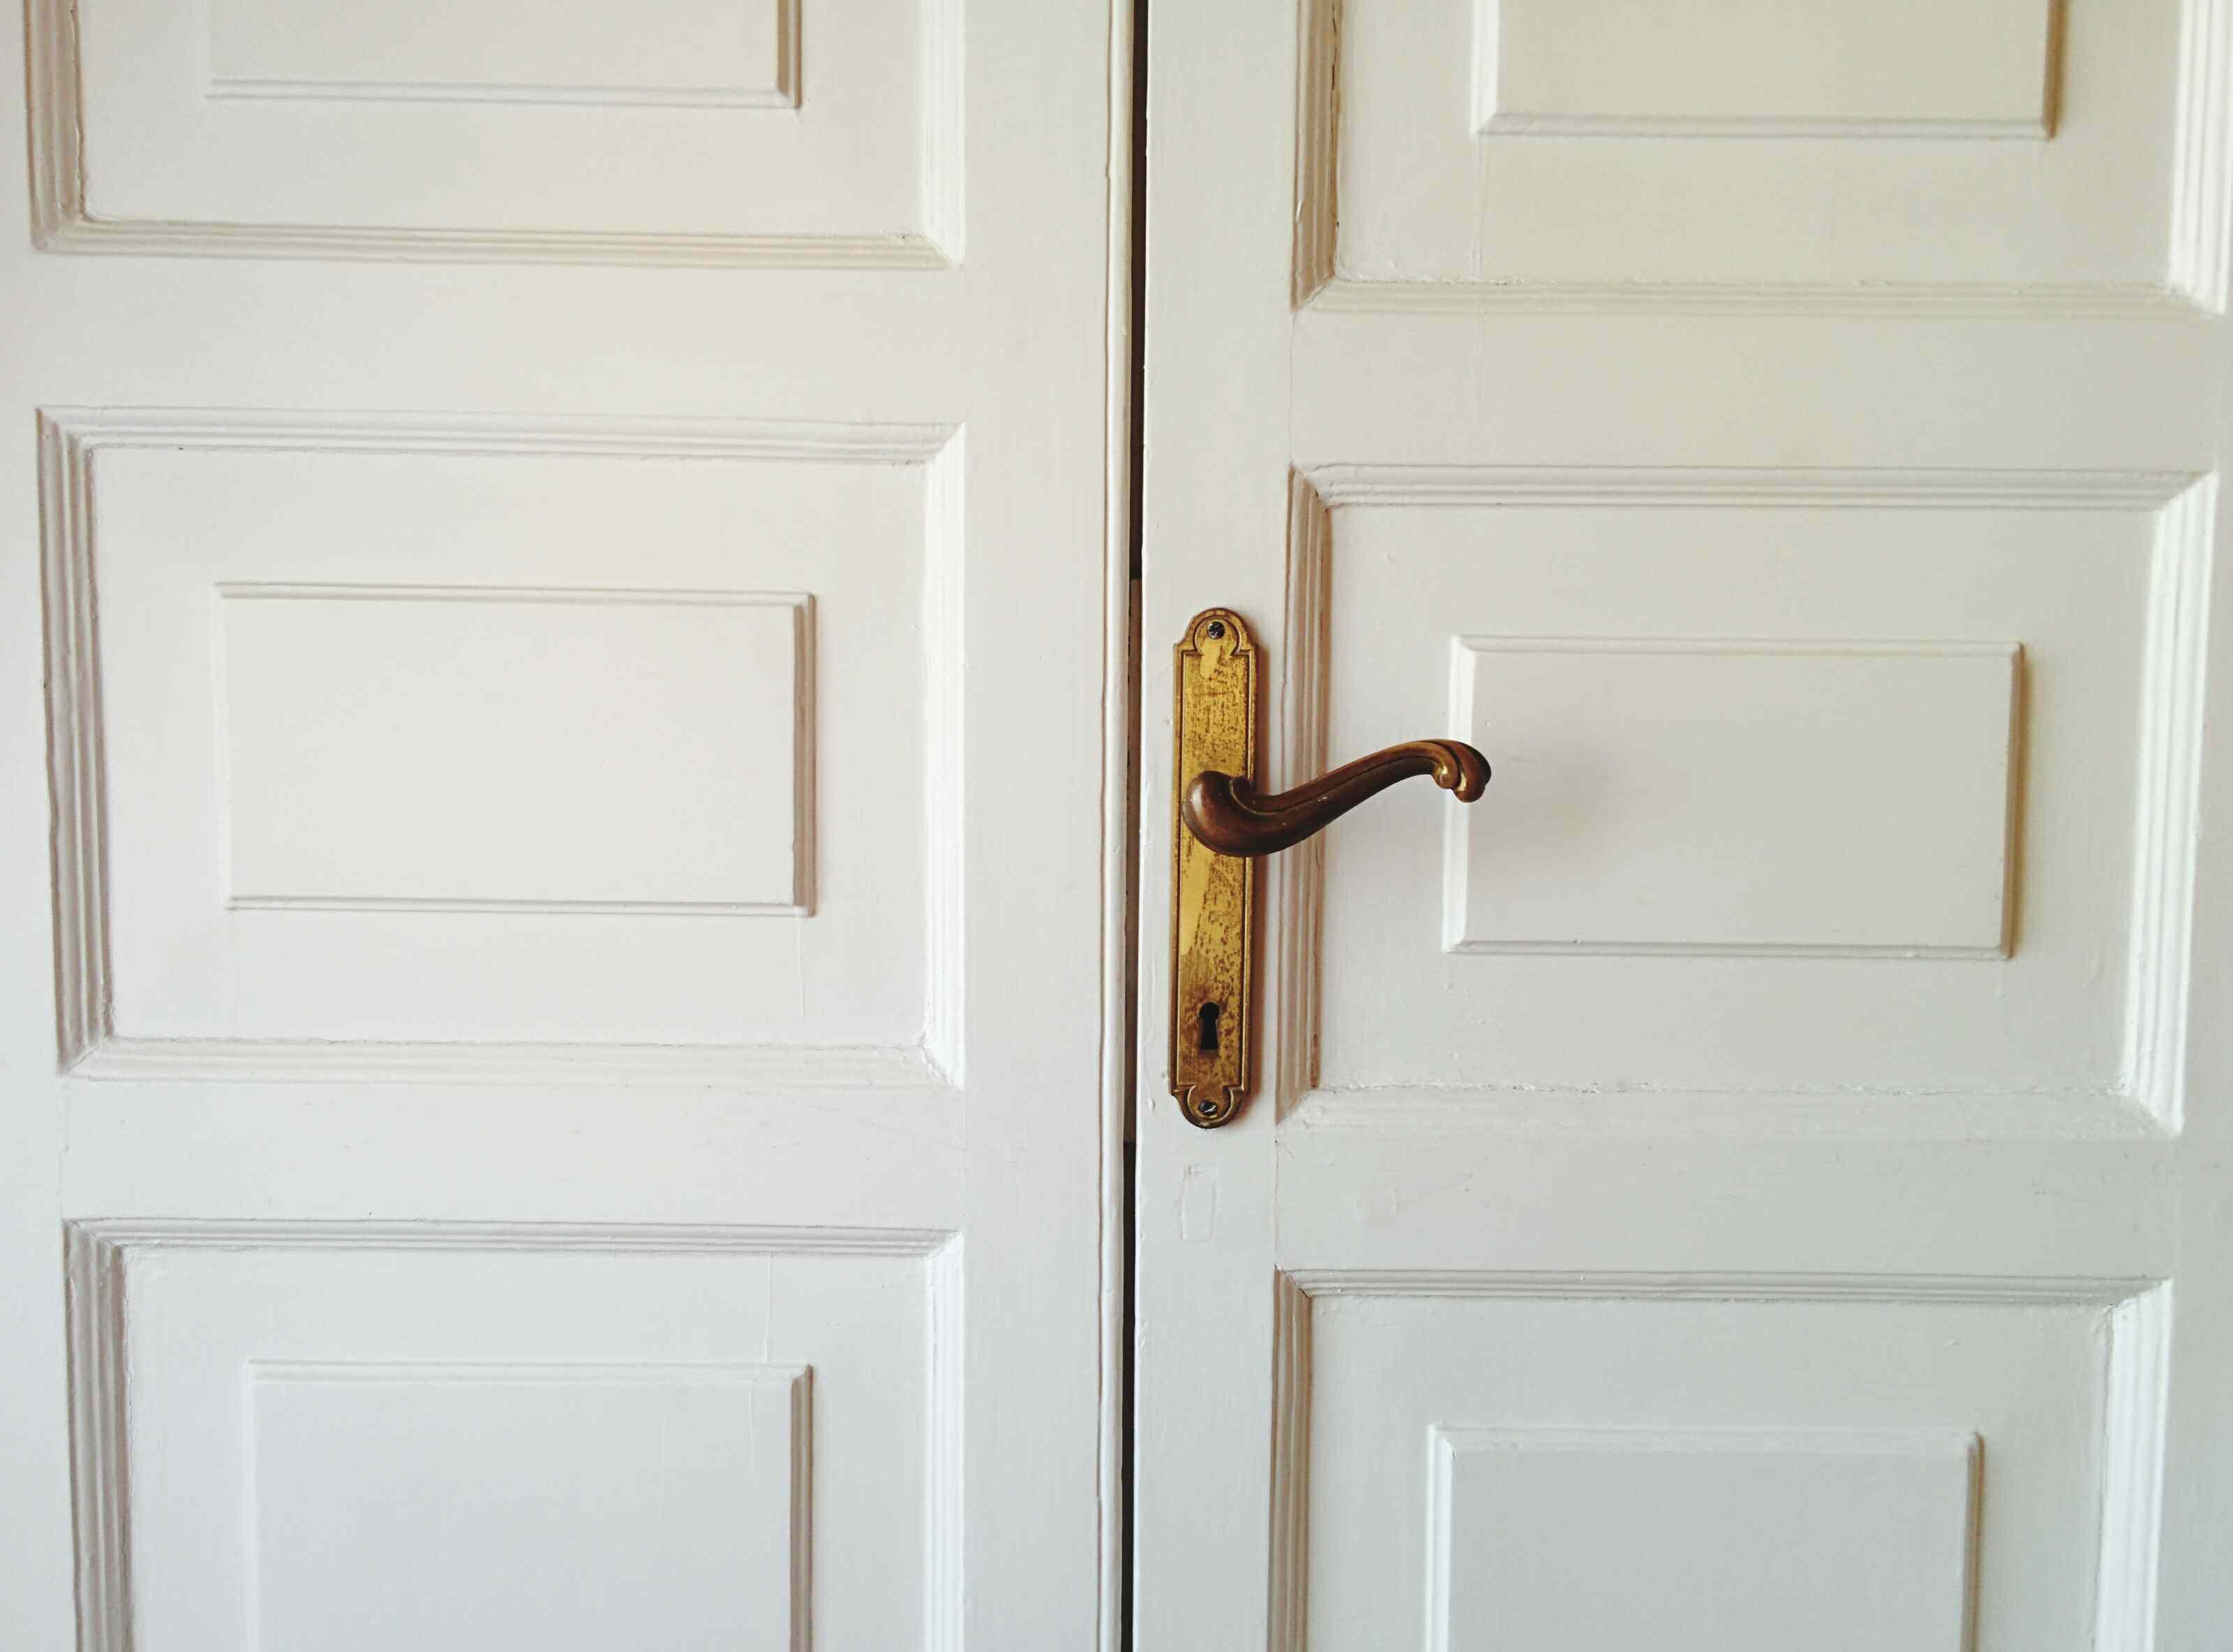 doorknob Alesie Rosenrot / EyeEm